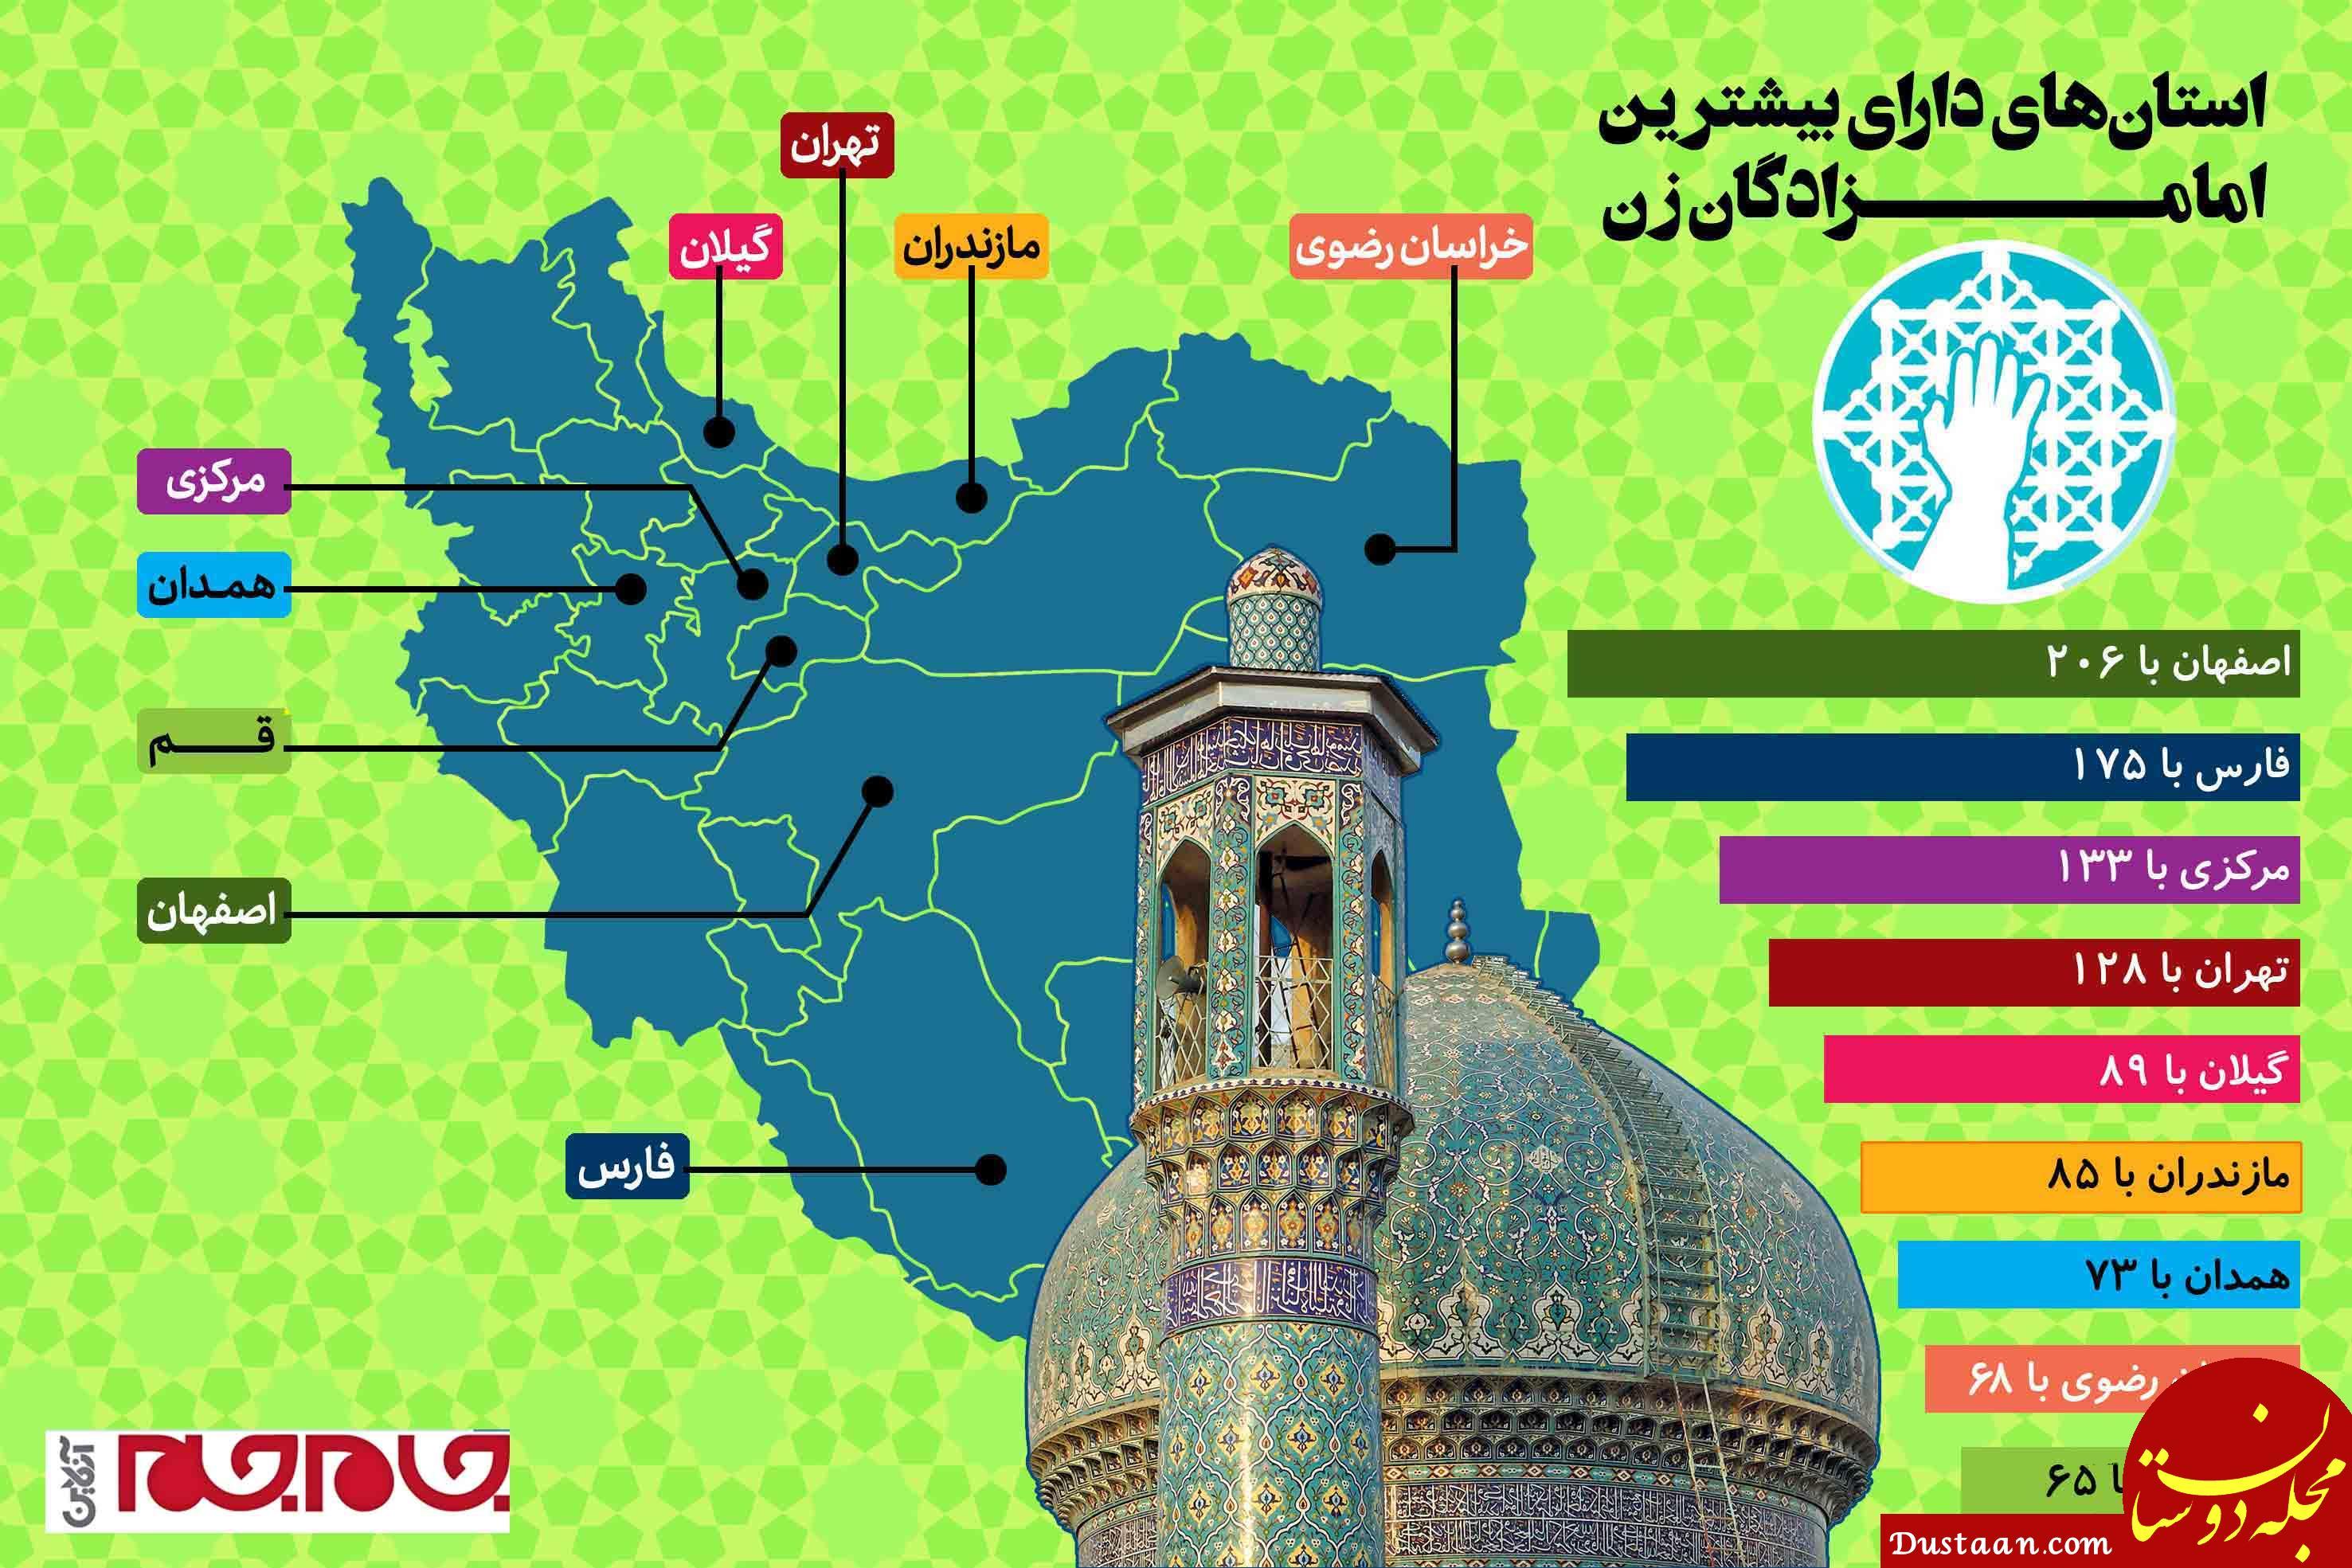 www.dustaan.com ایران چند امامزاده زن دارد؟